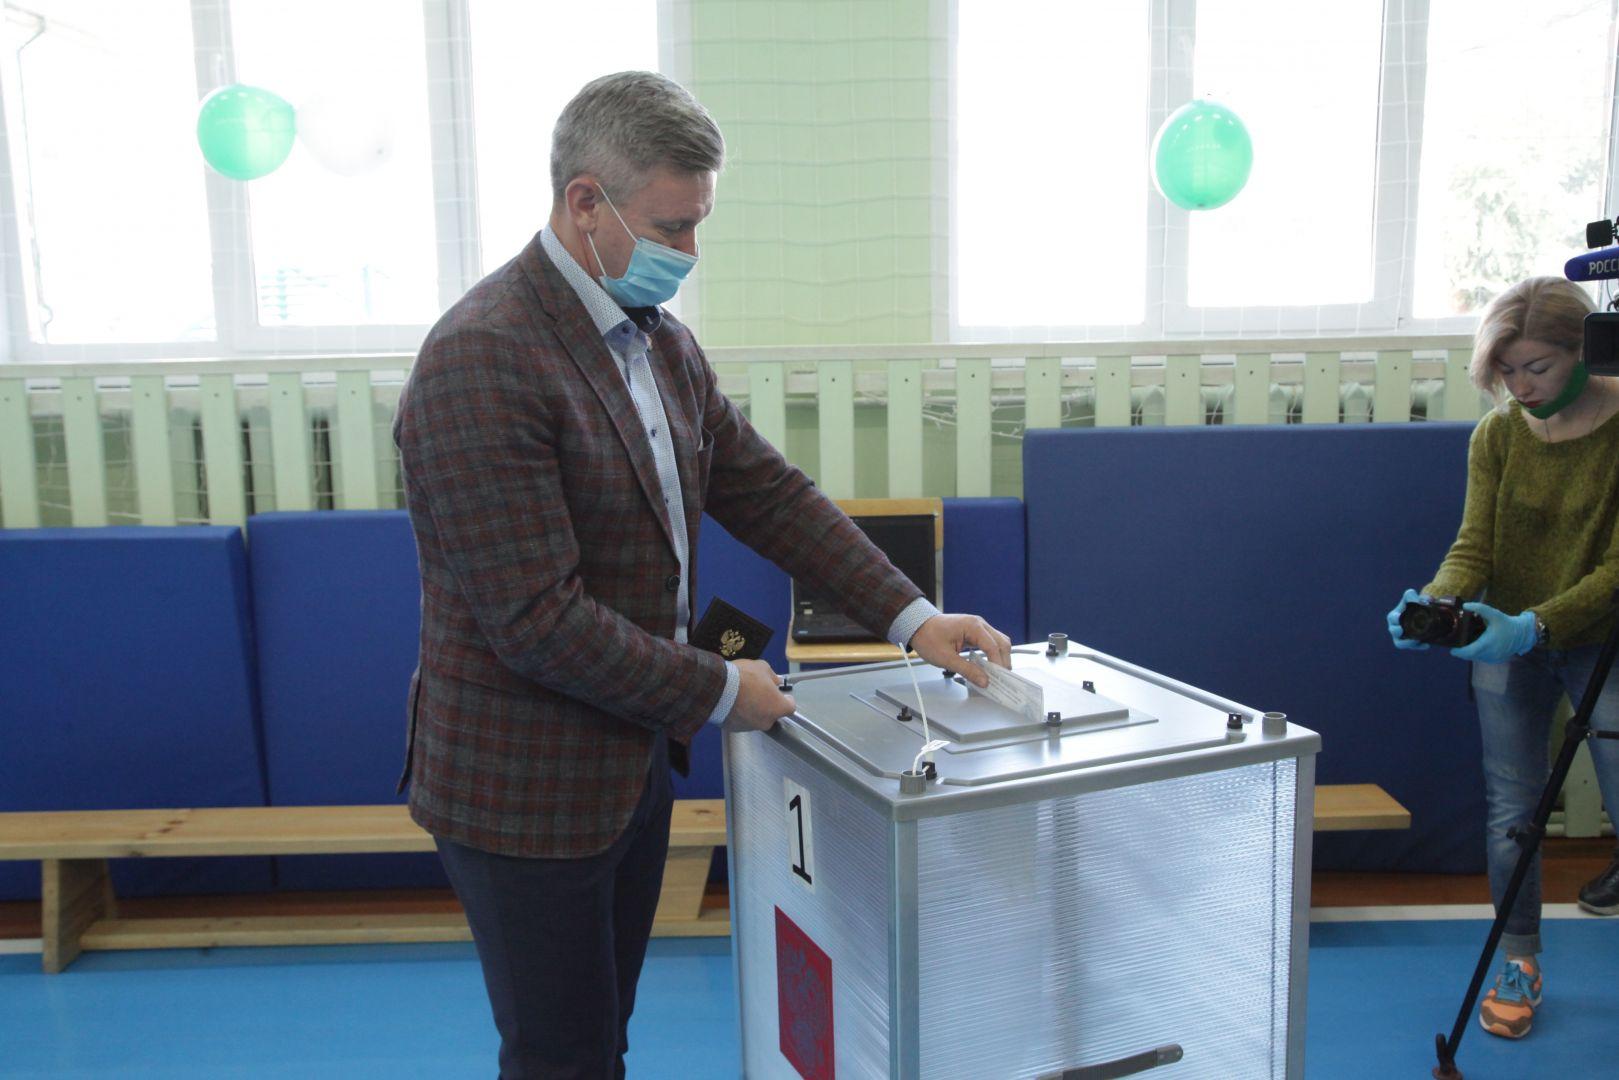 Дмитрий Фролов: «Я проголосовал ЗА развитие региона». В Курганской области стартовали выборы депутатов регионального парламента